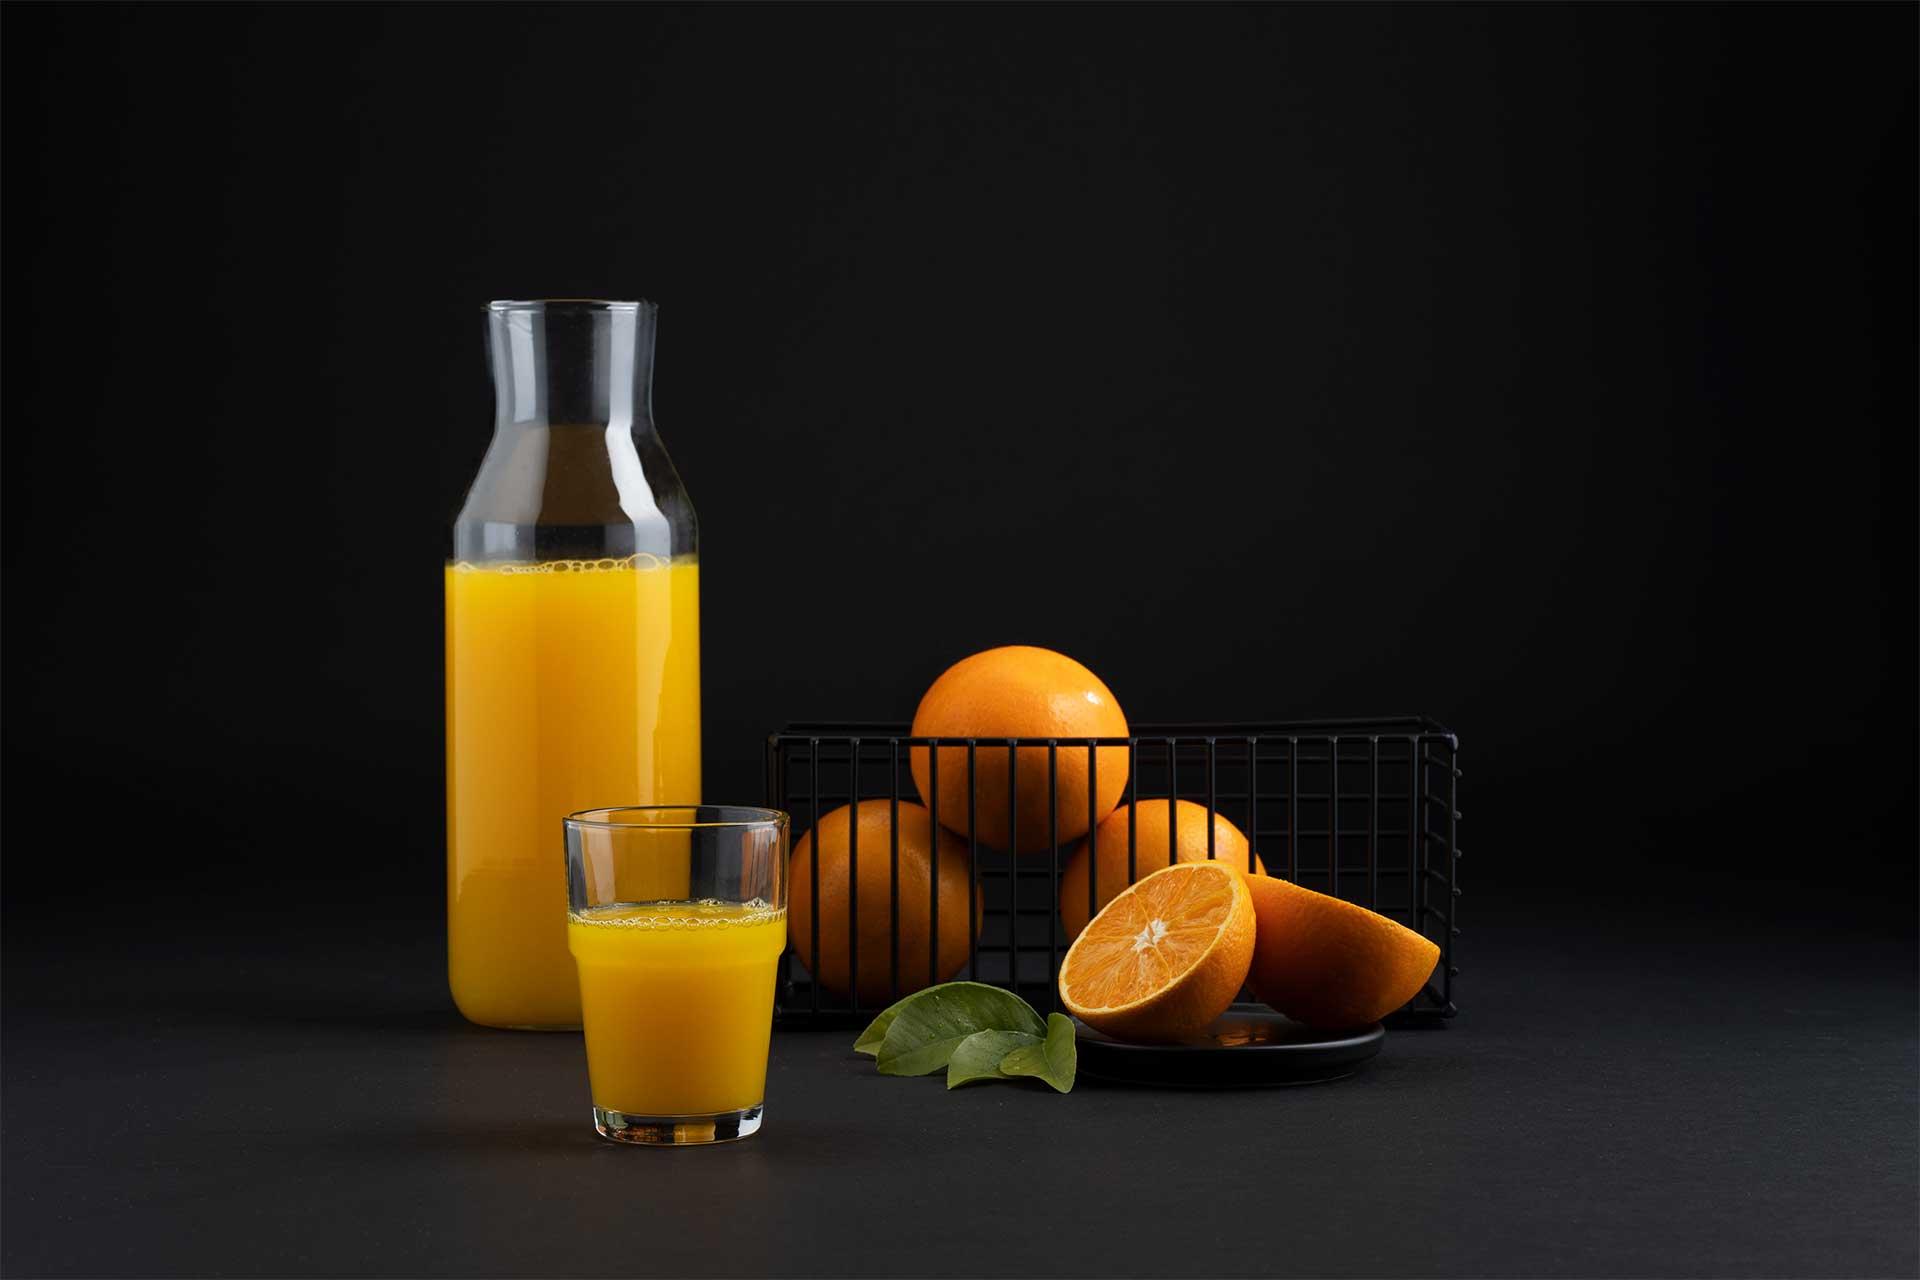 combien-coute-un-jus-d-orange-frais